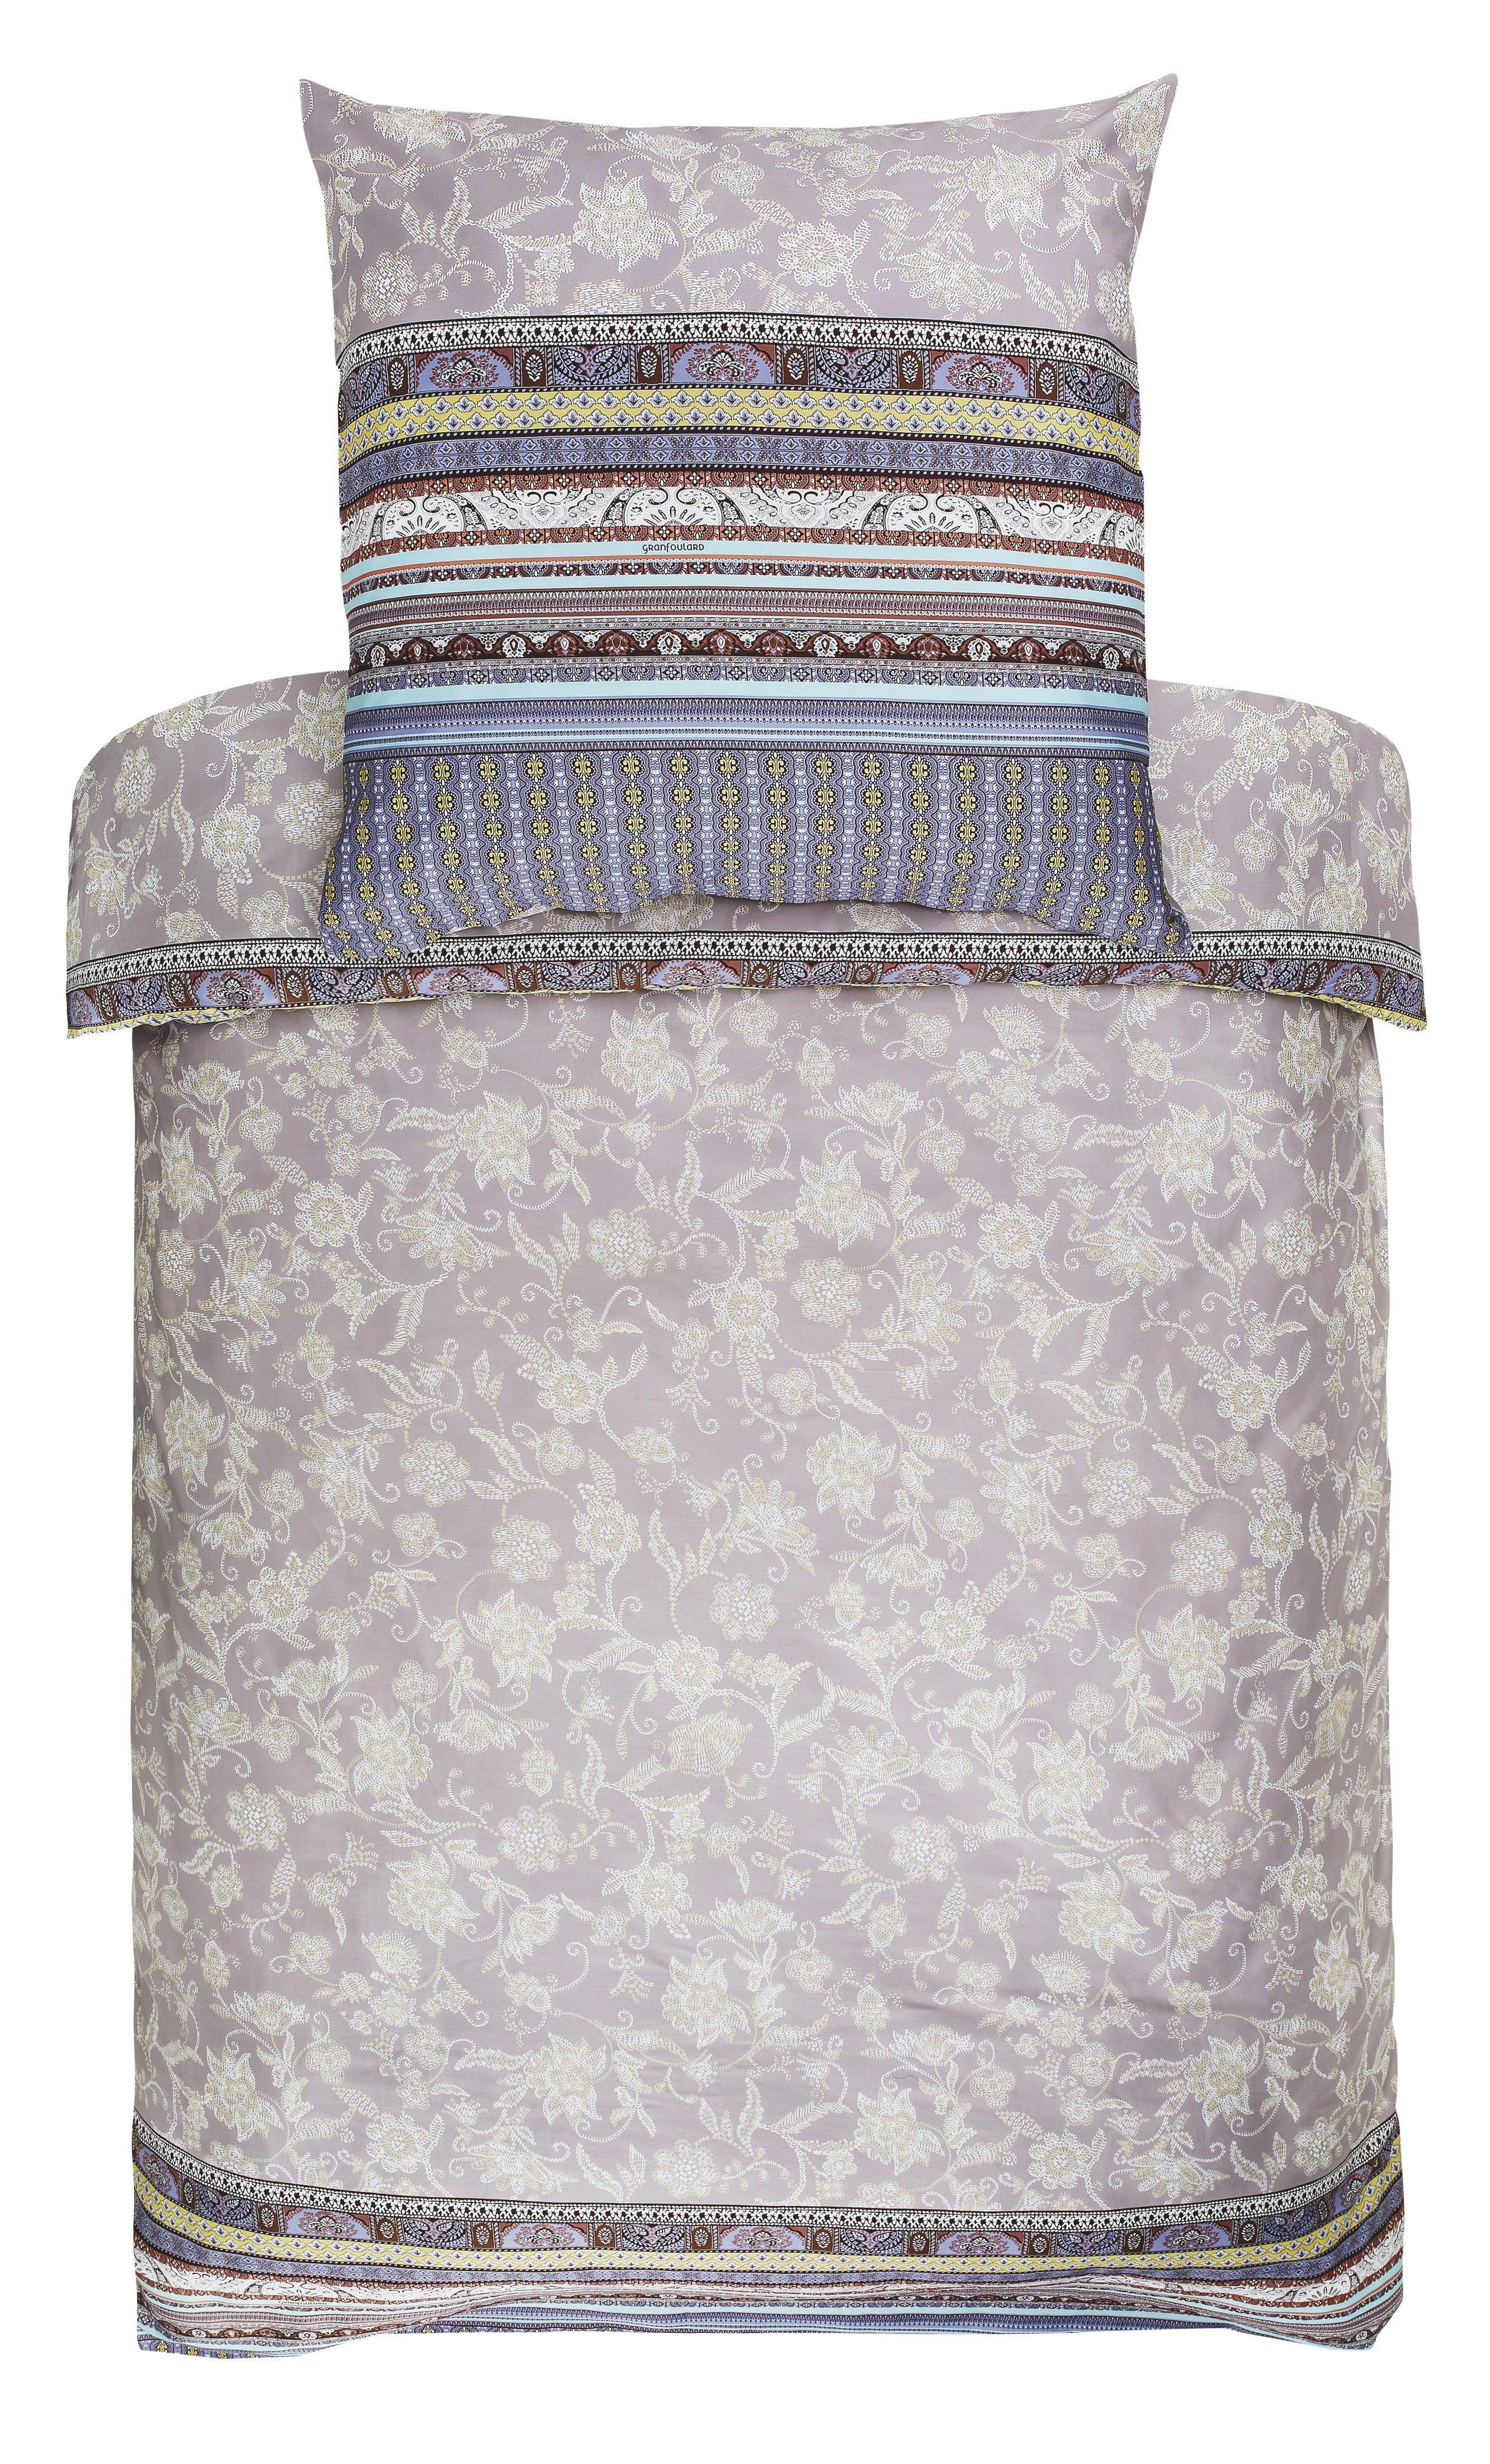 BETTWÄSCHE Grau - Grau, Design, Textil (155/220cm) - BASSETTI